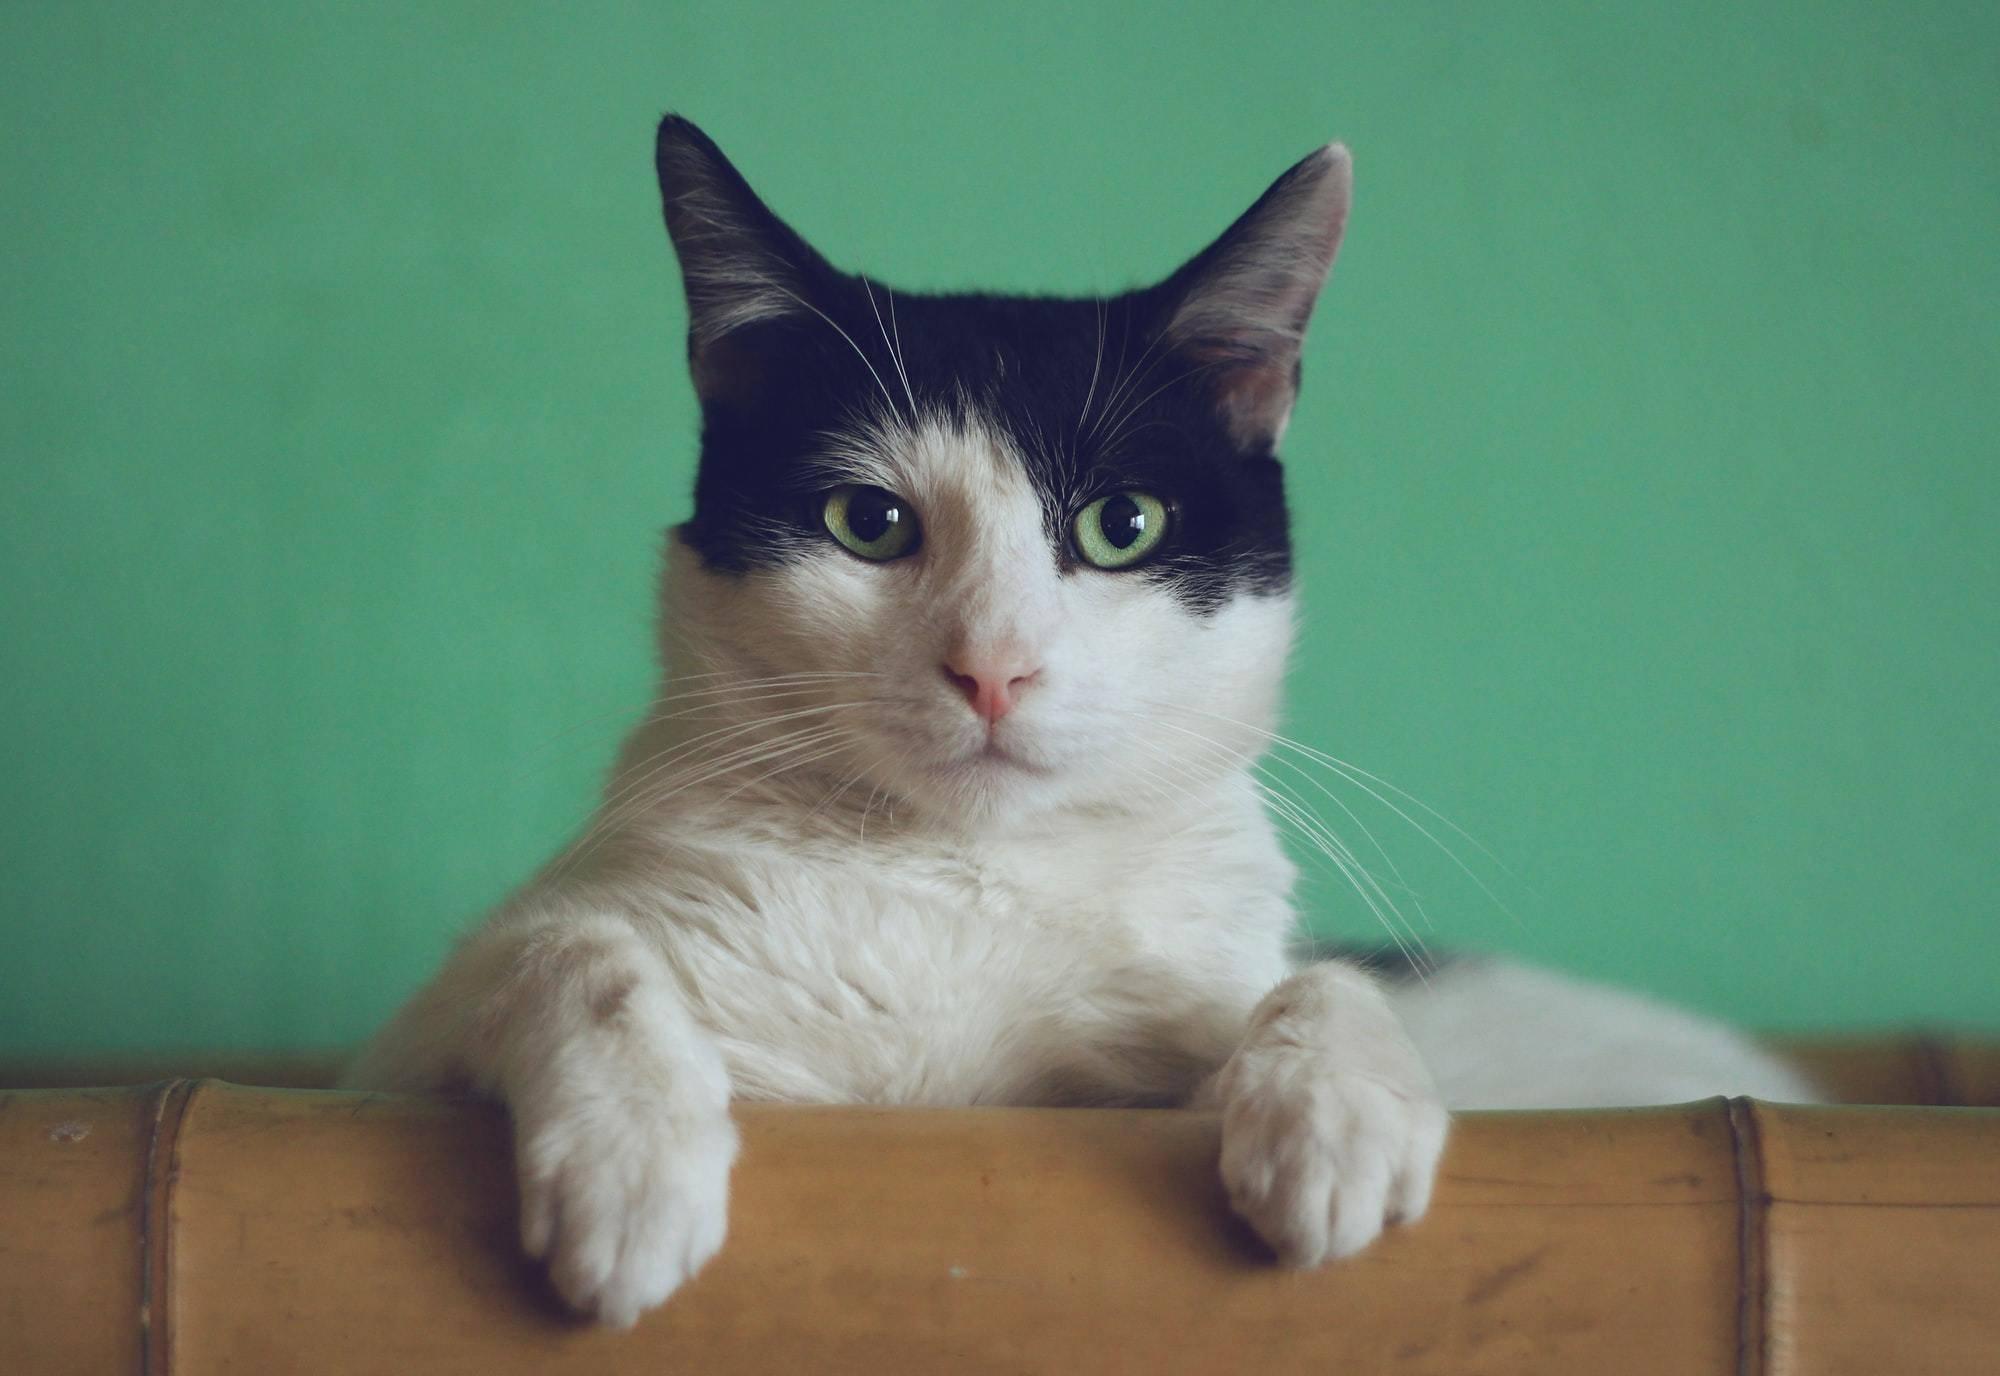 Після десяти років пошуків кіт знайшов своїх господарів